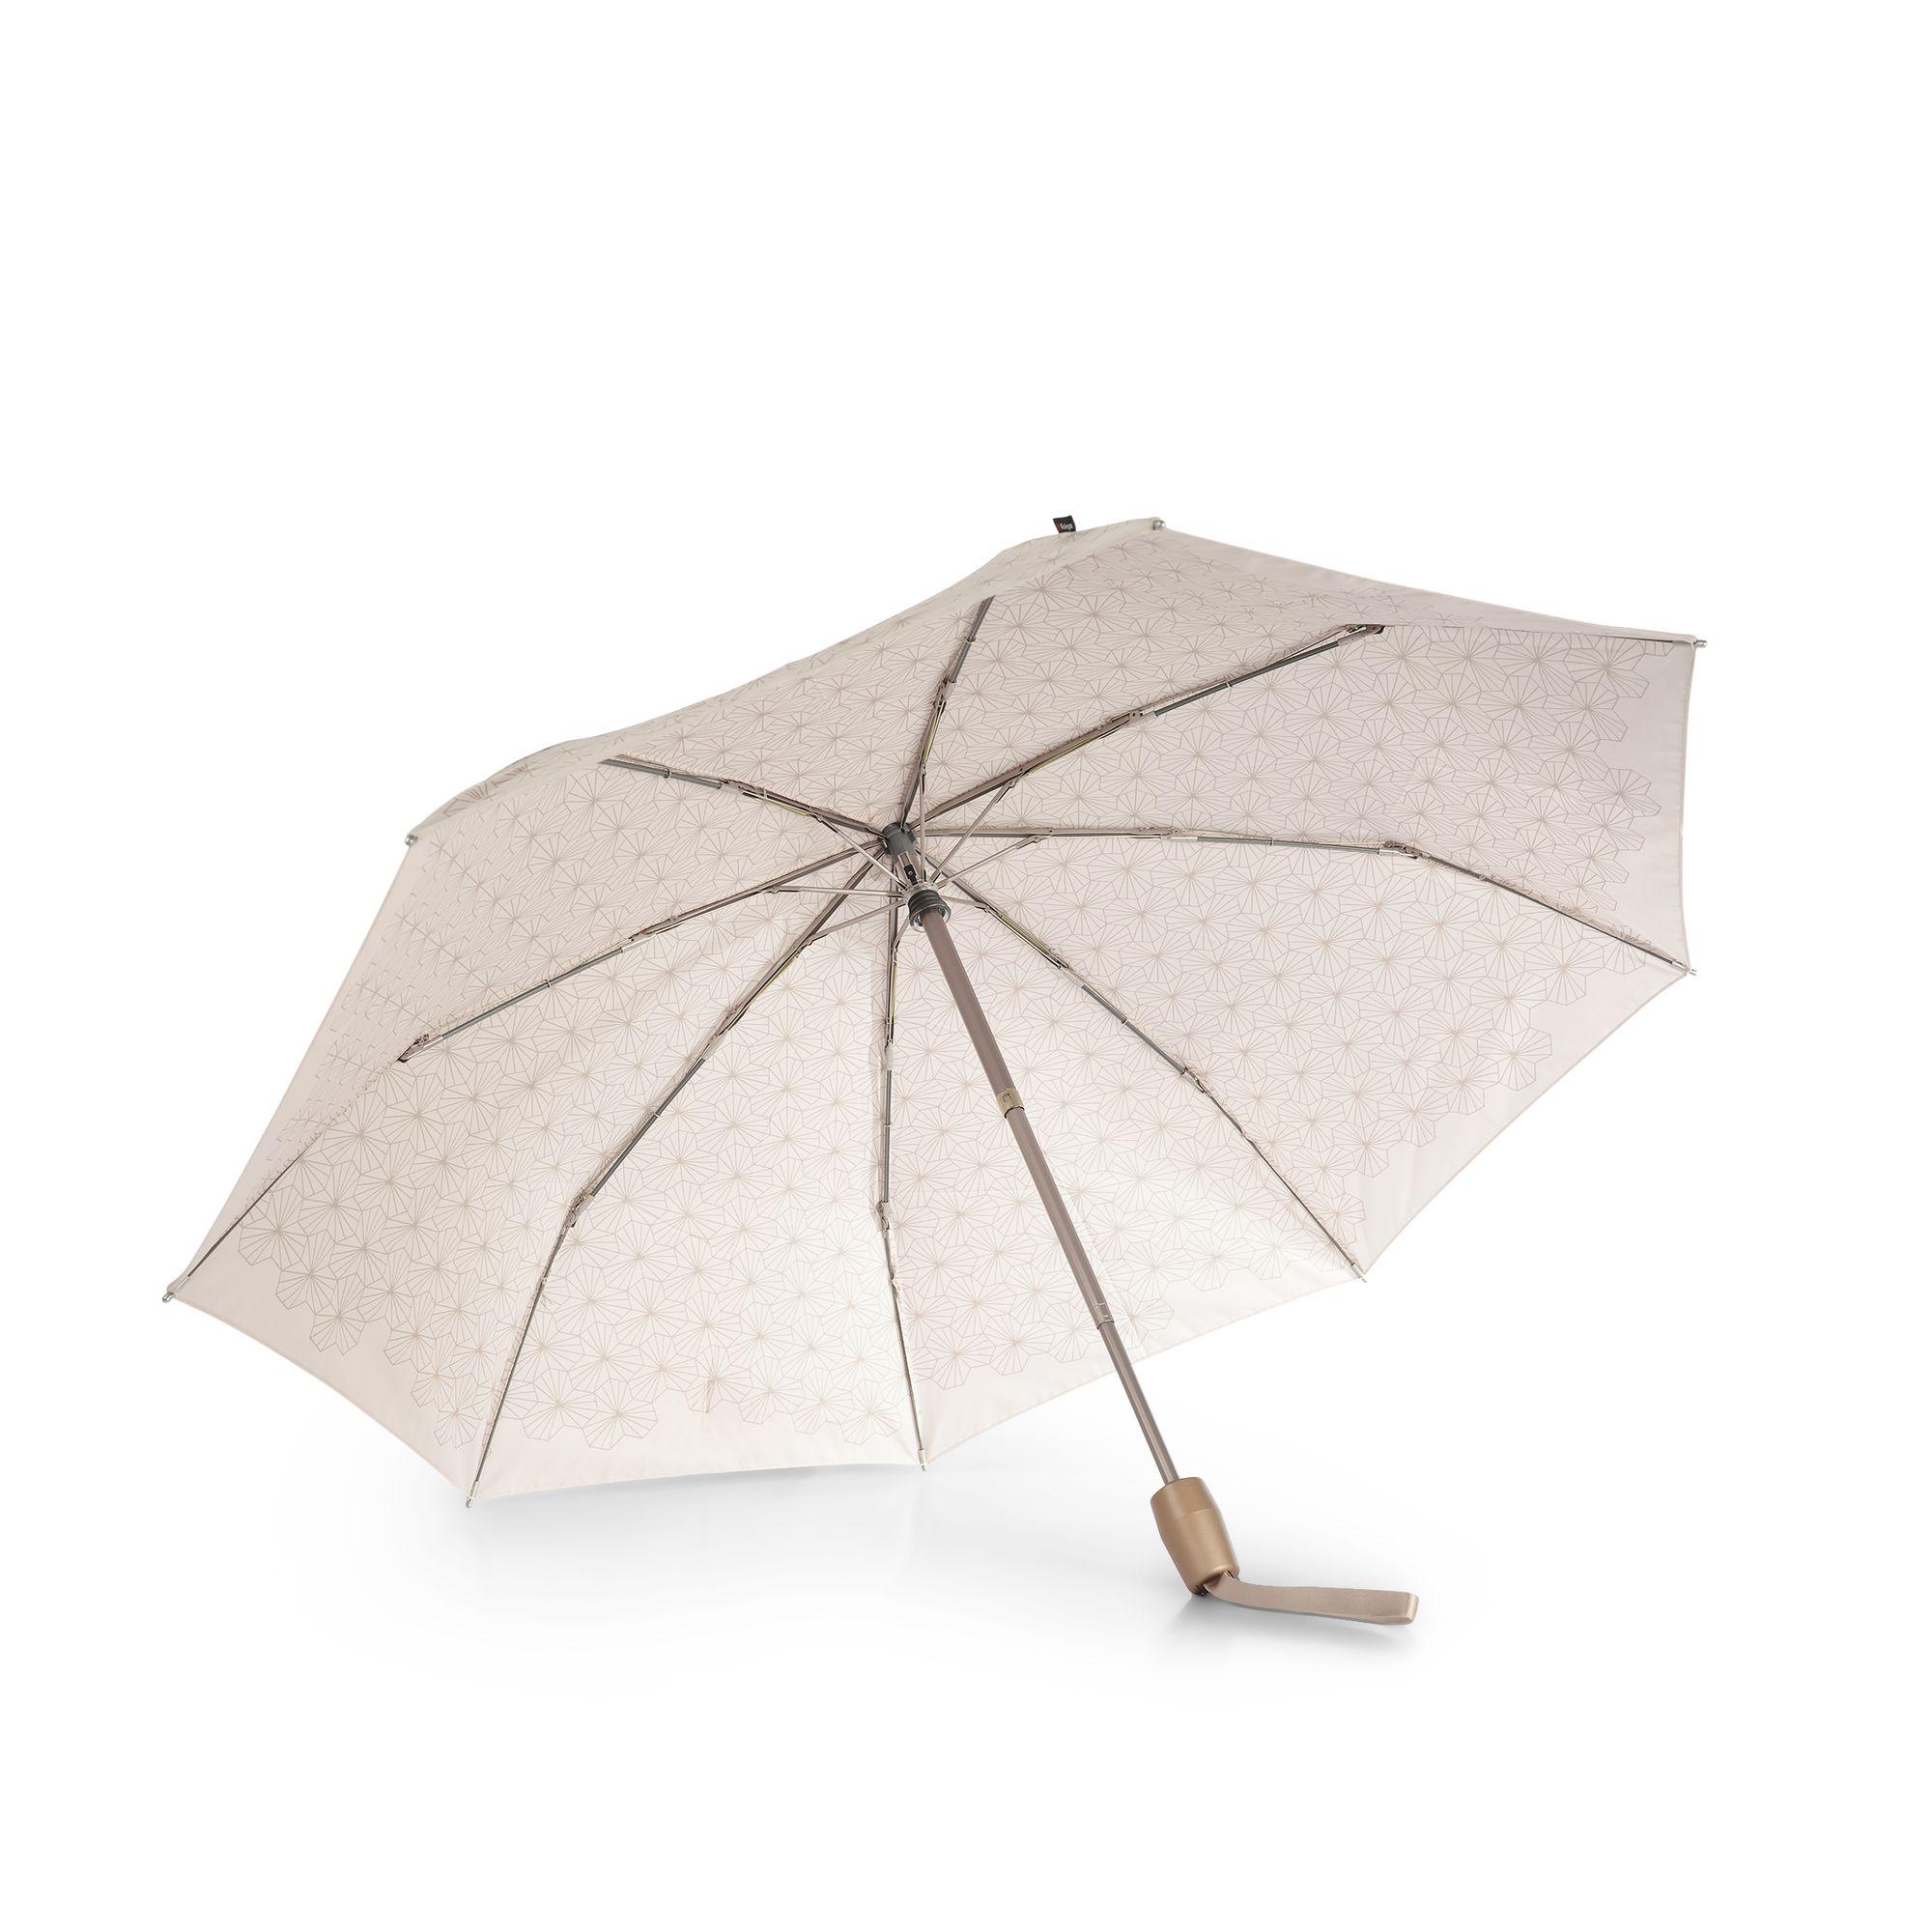 Knirps T2 paraply, Beige med mönster